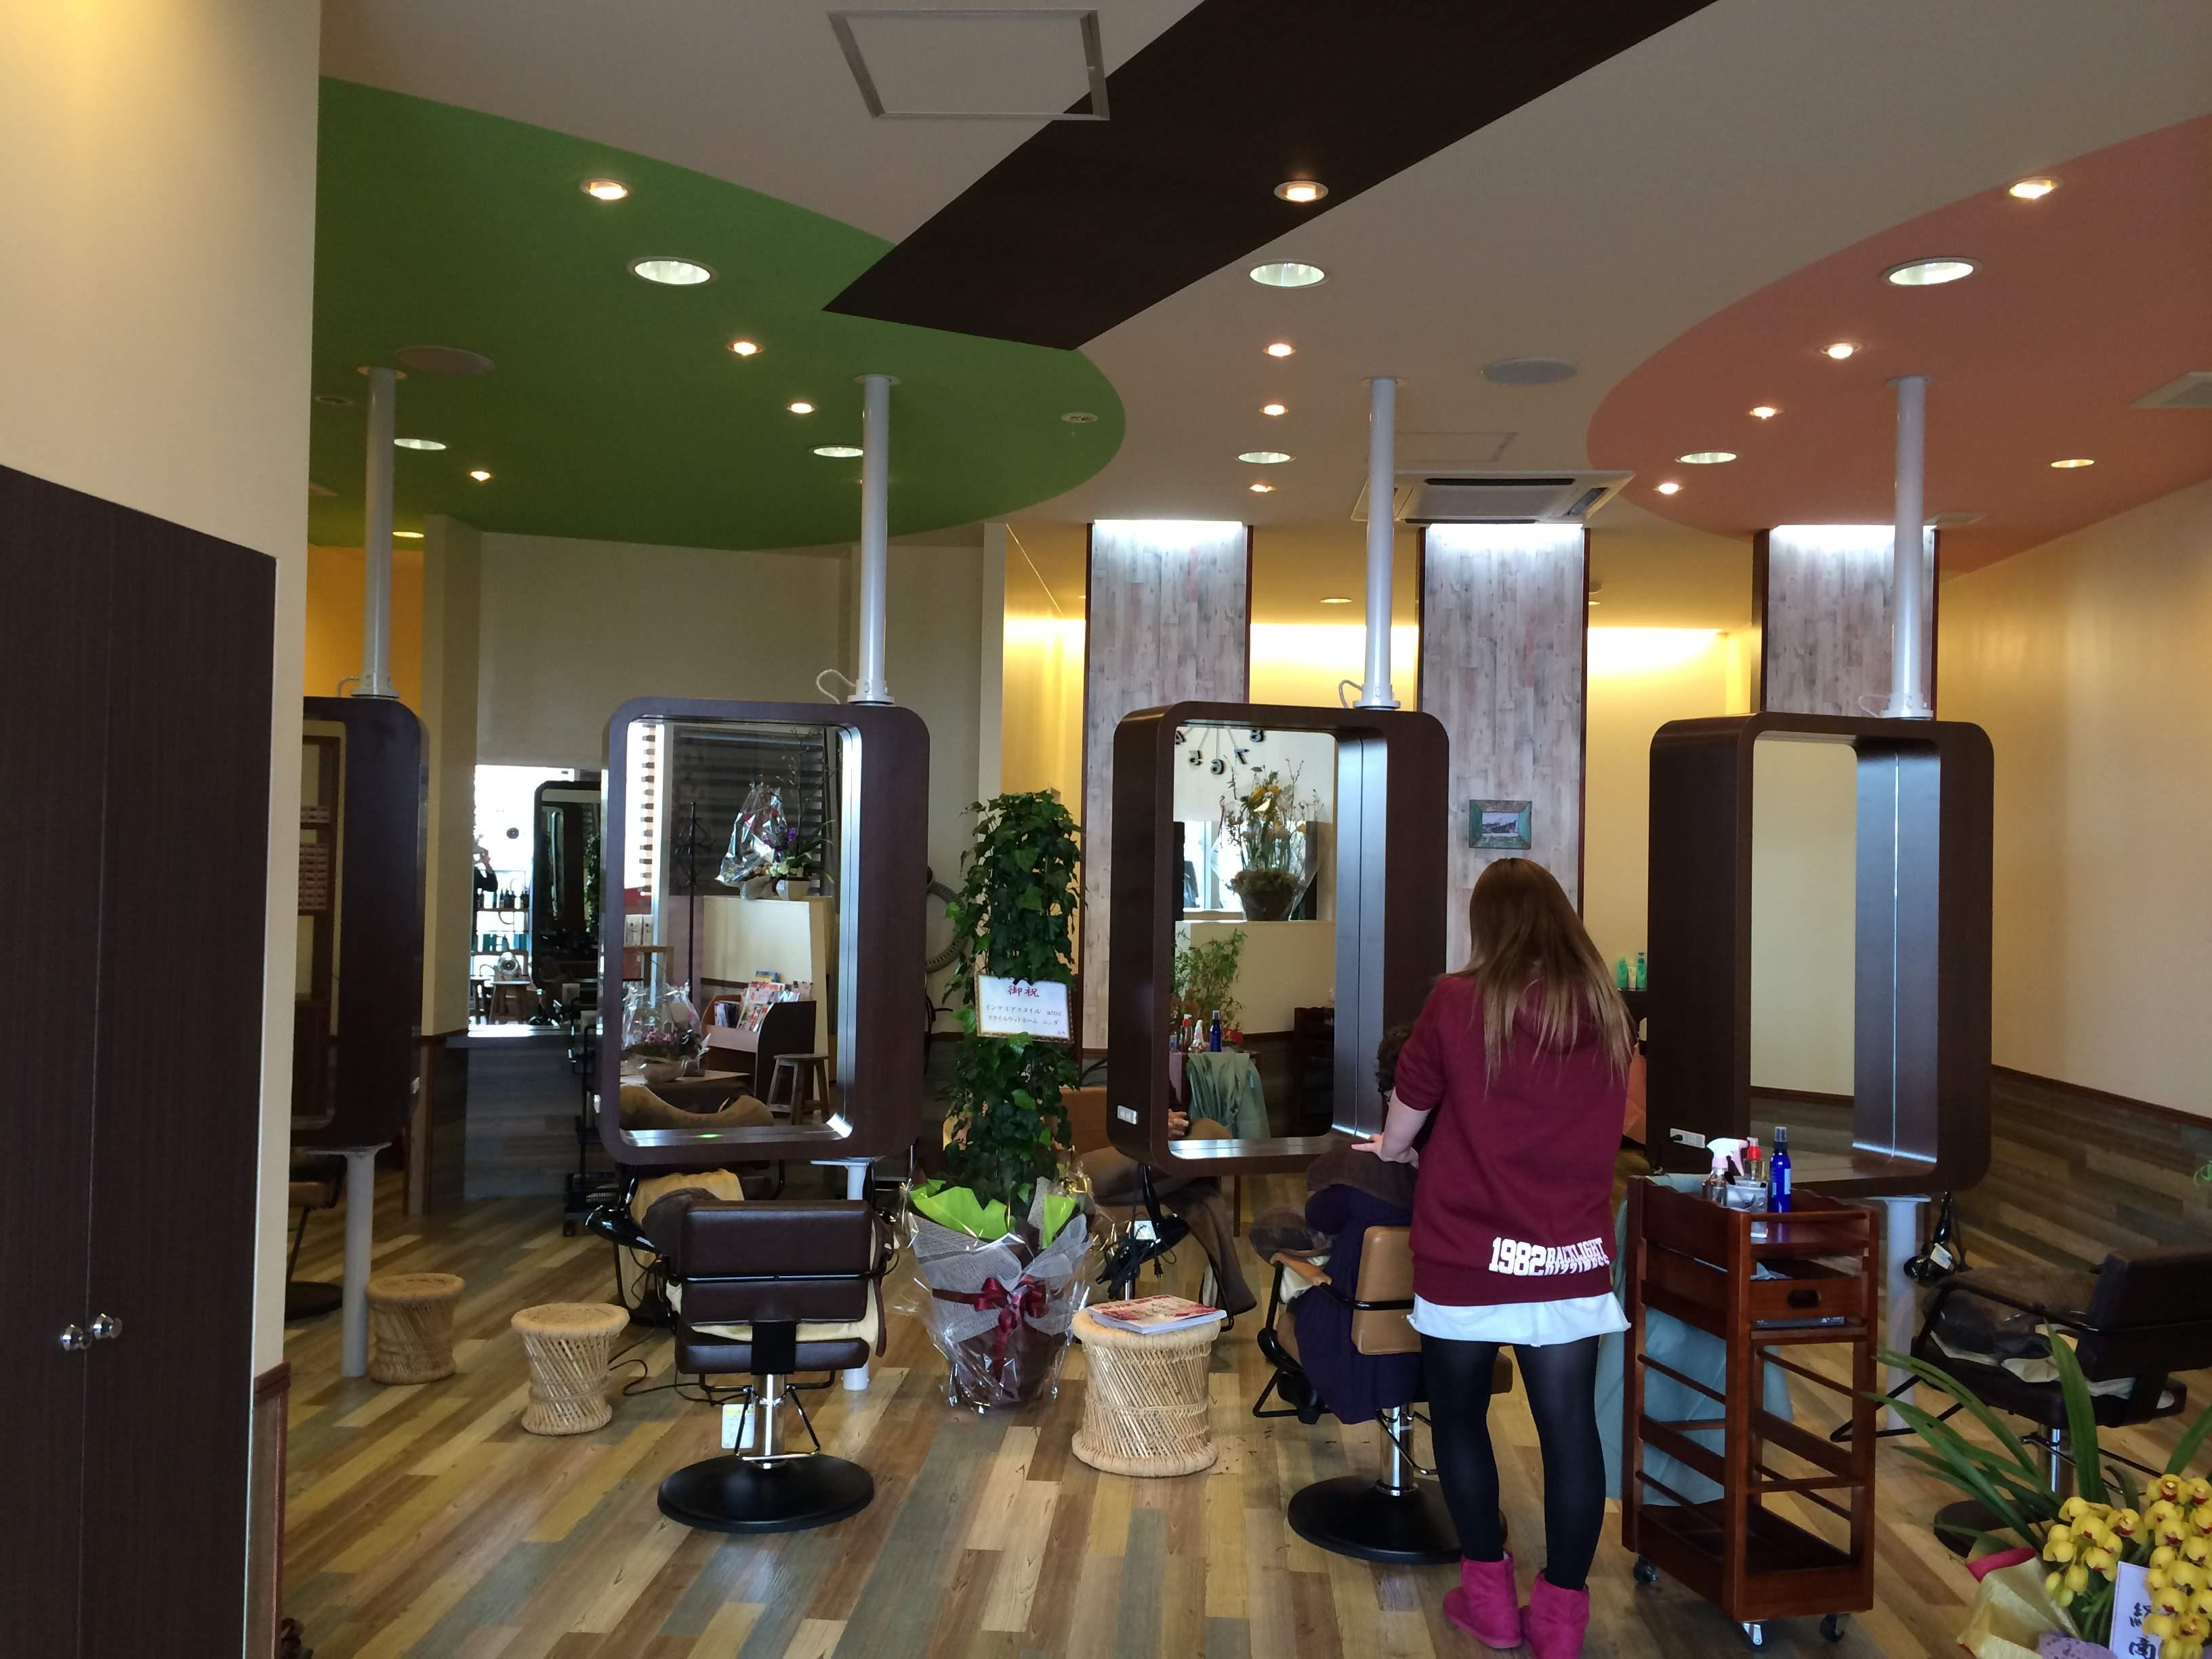 グリーンモール中曽根に美容室「CANVAS」さんがオープンしましたの画像